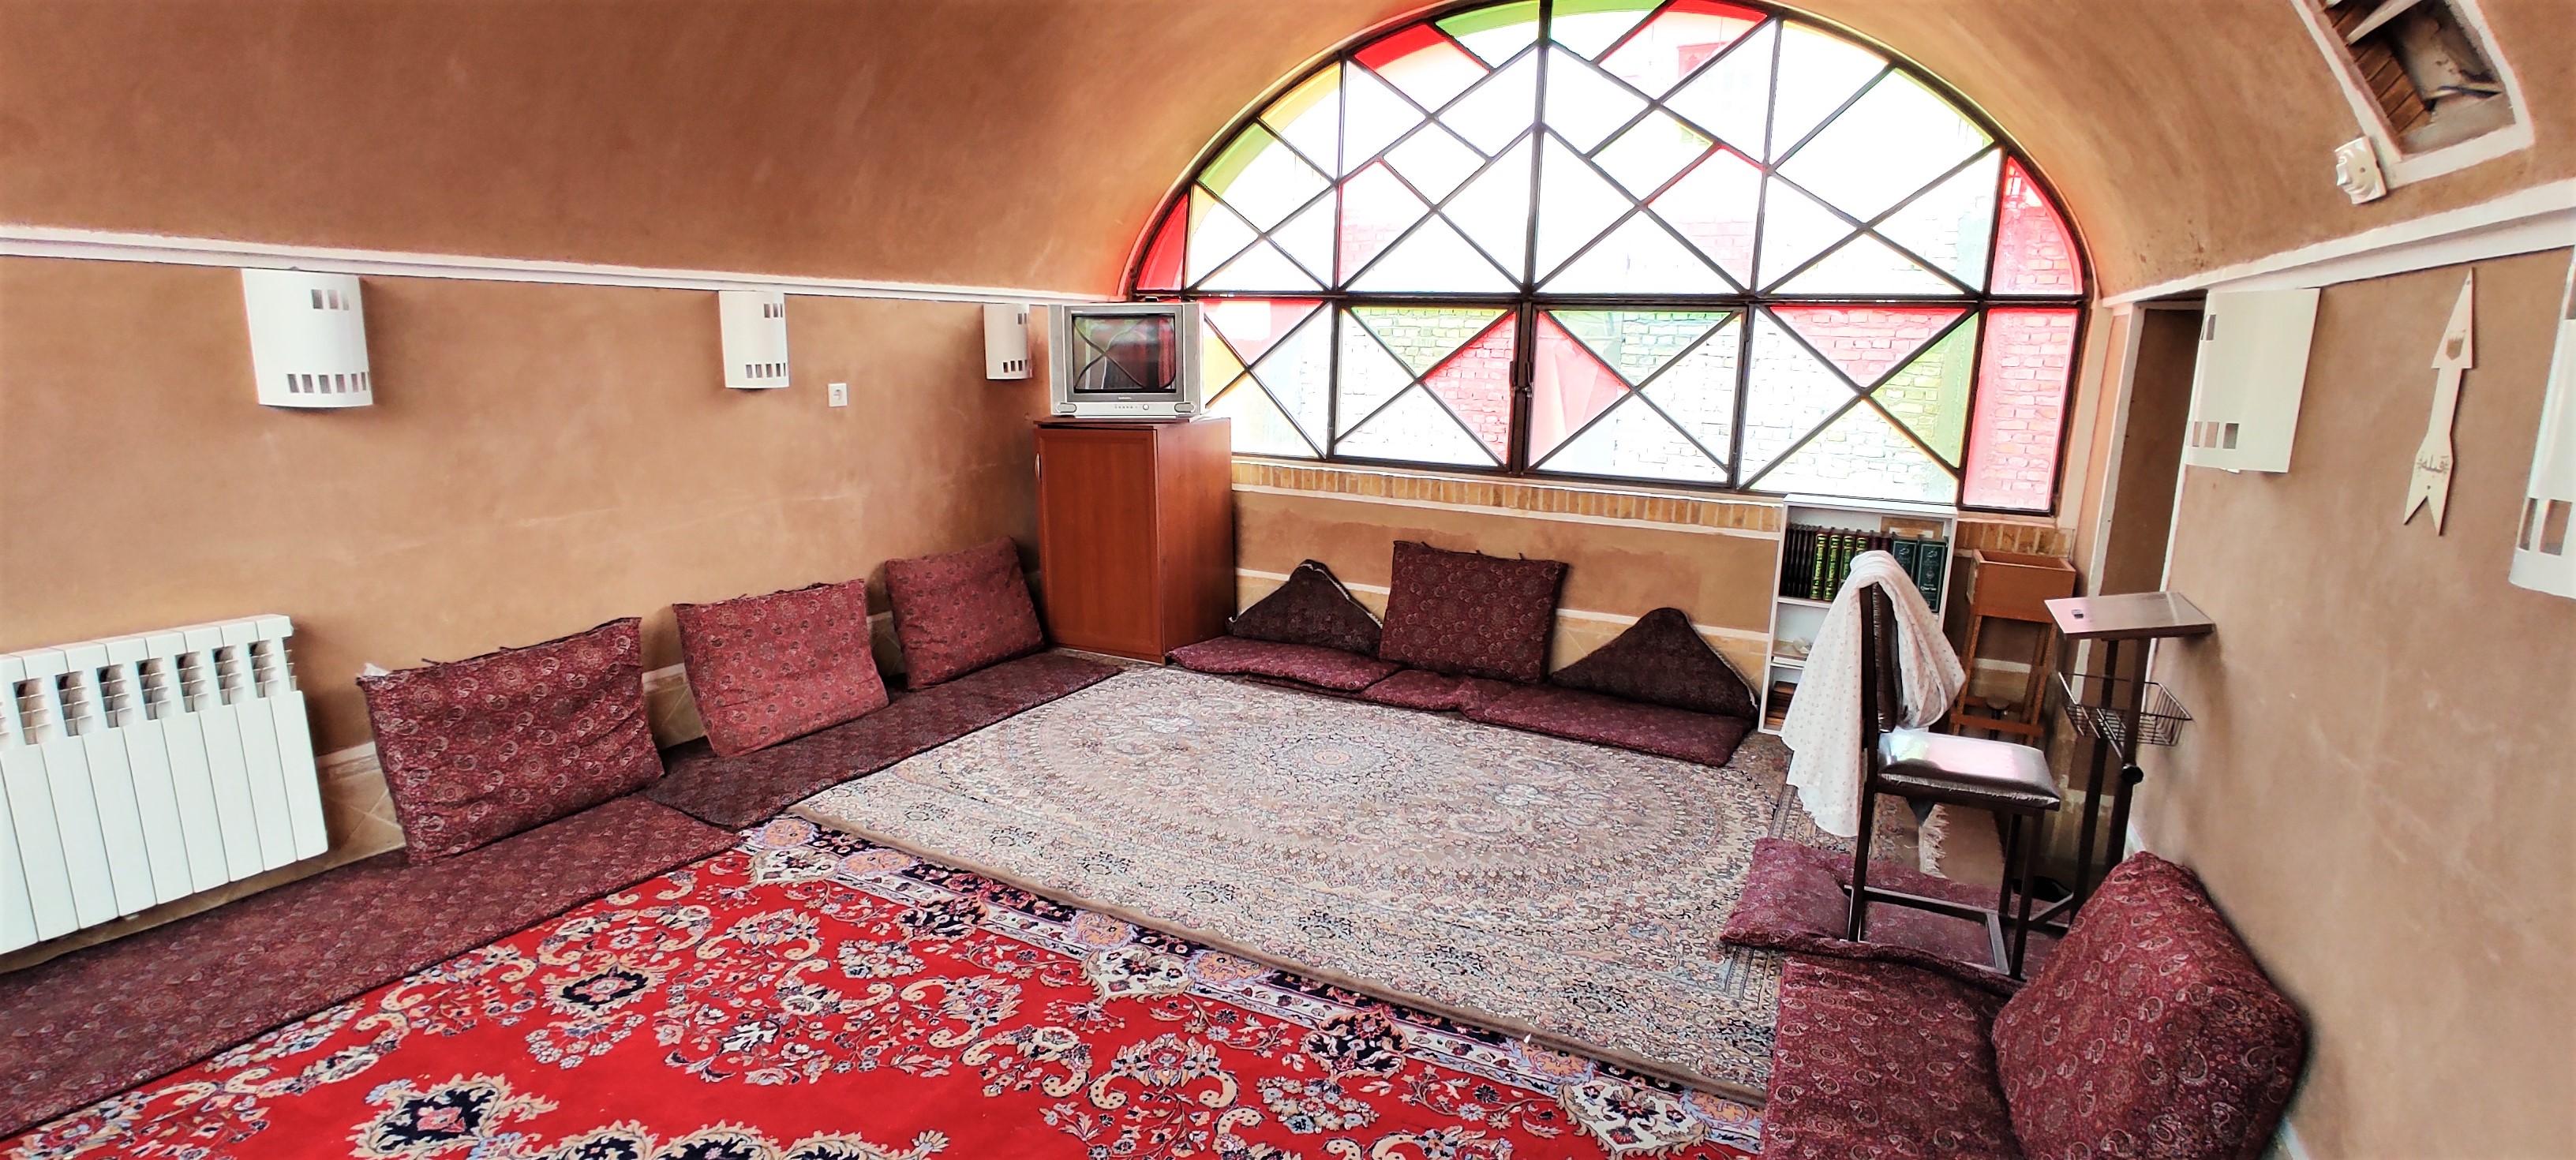 شهری اتاق سنتی در مصلی یزد - 111